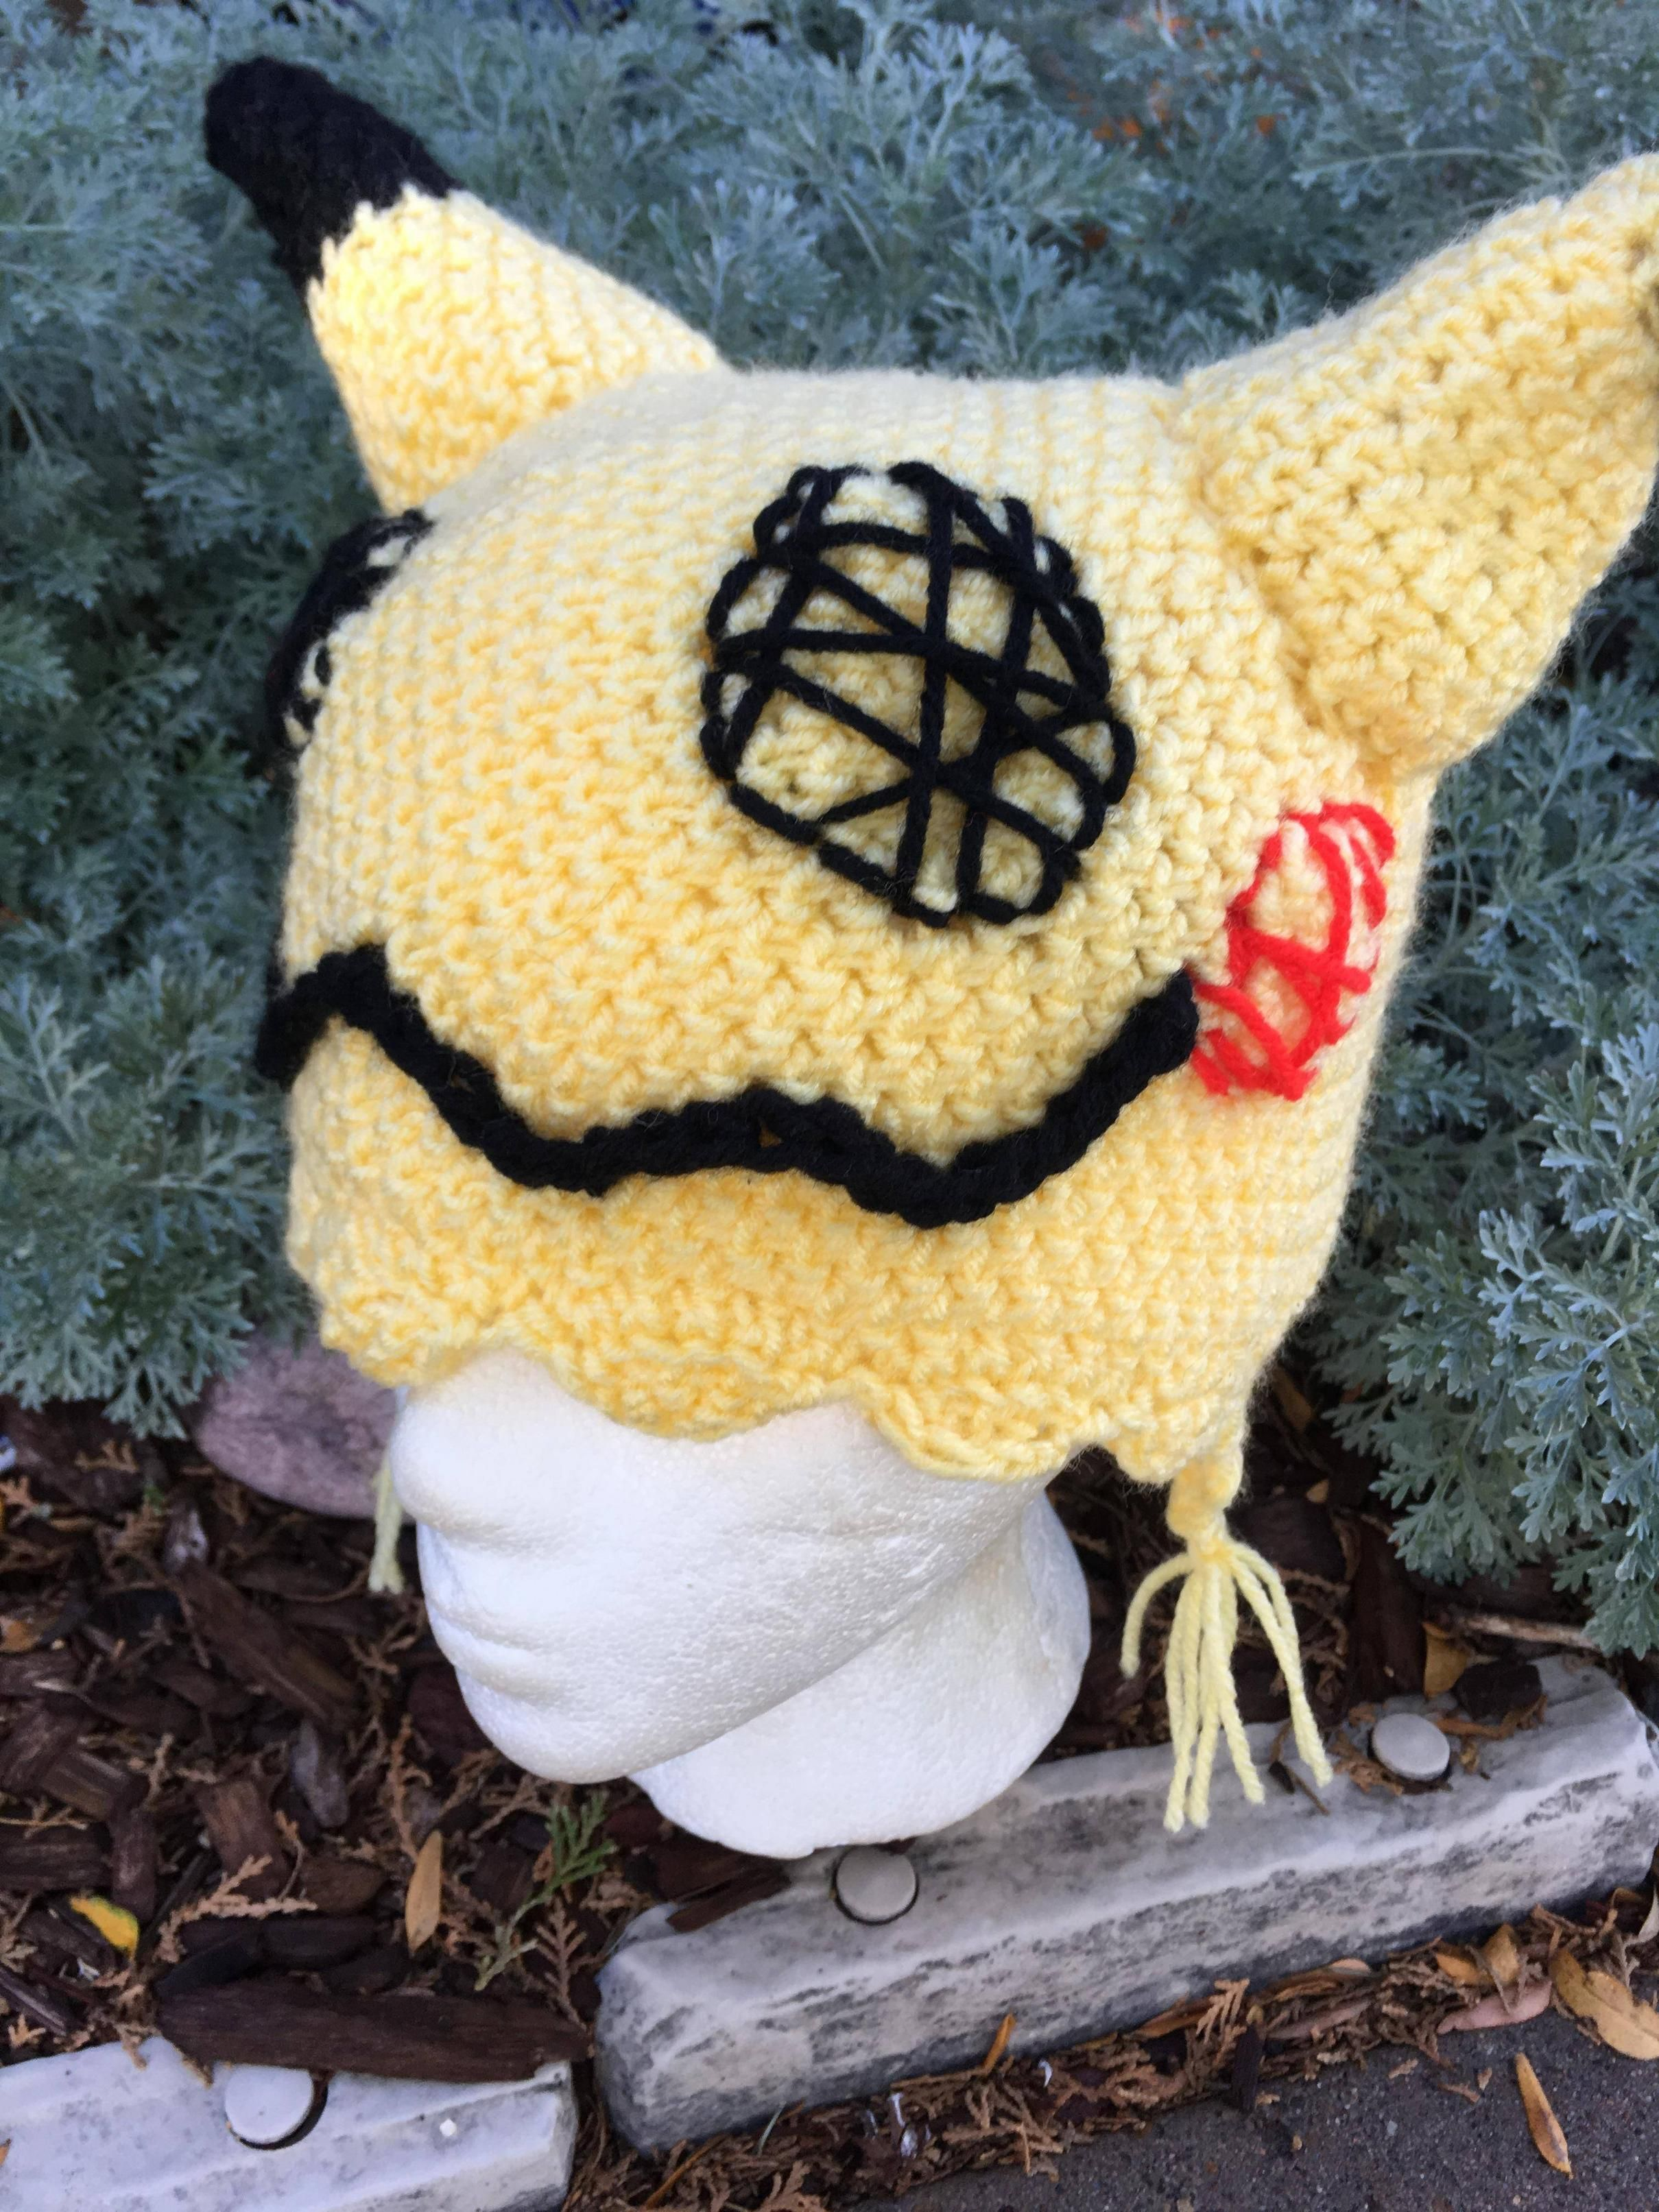 dfe9ac727af I made my own Mimikyu hat! (xpost Pokémon)